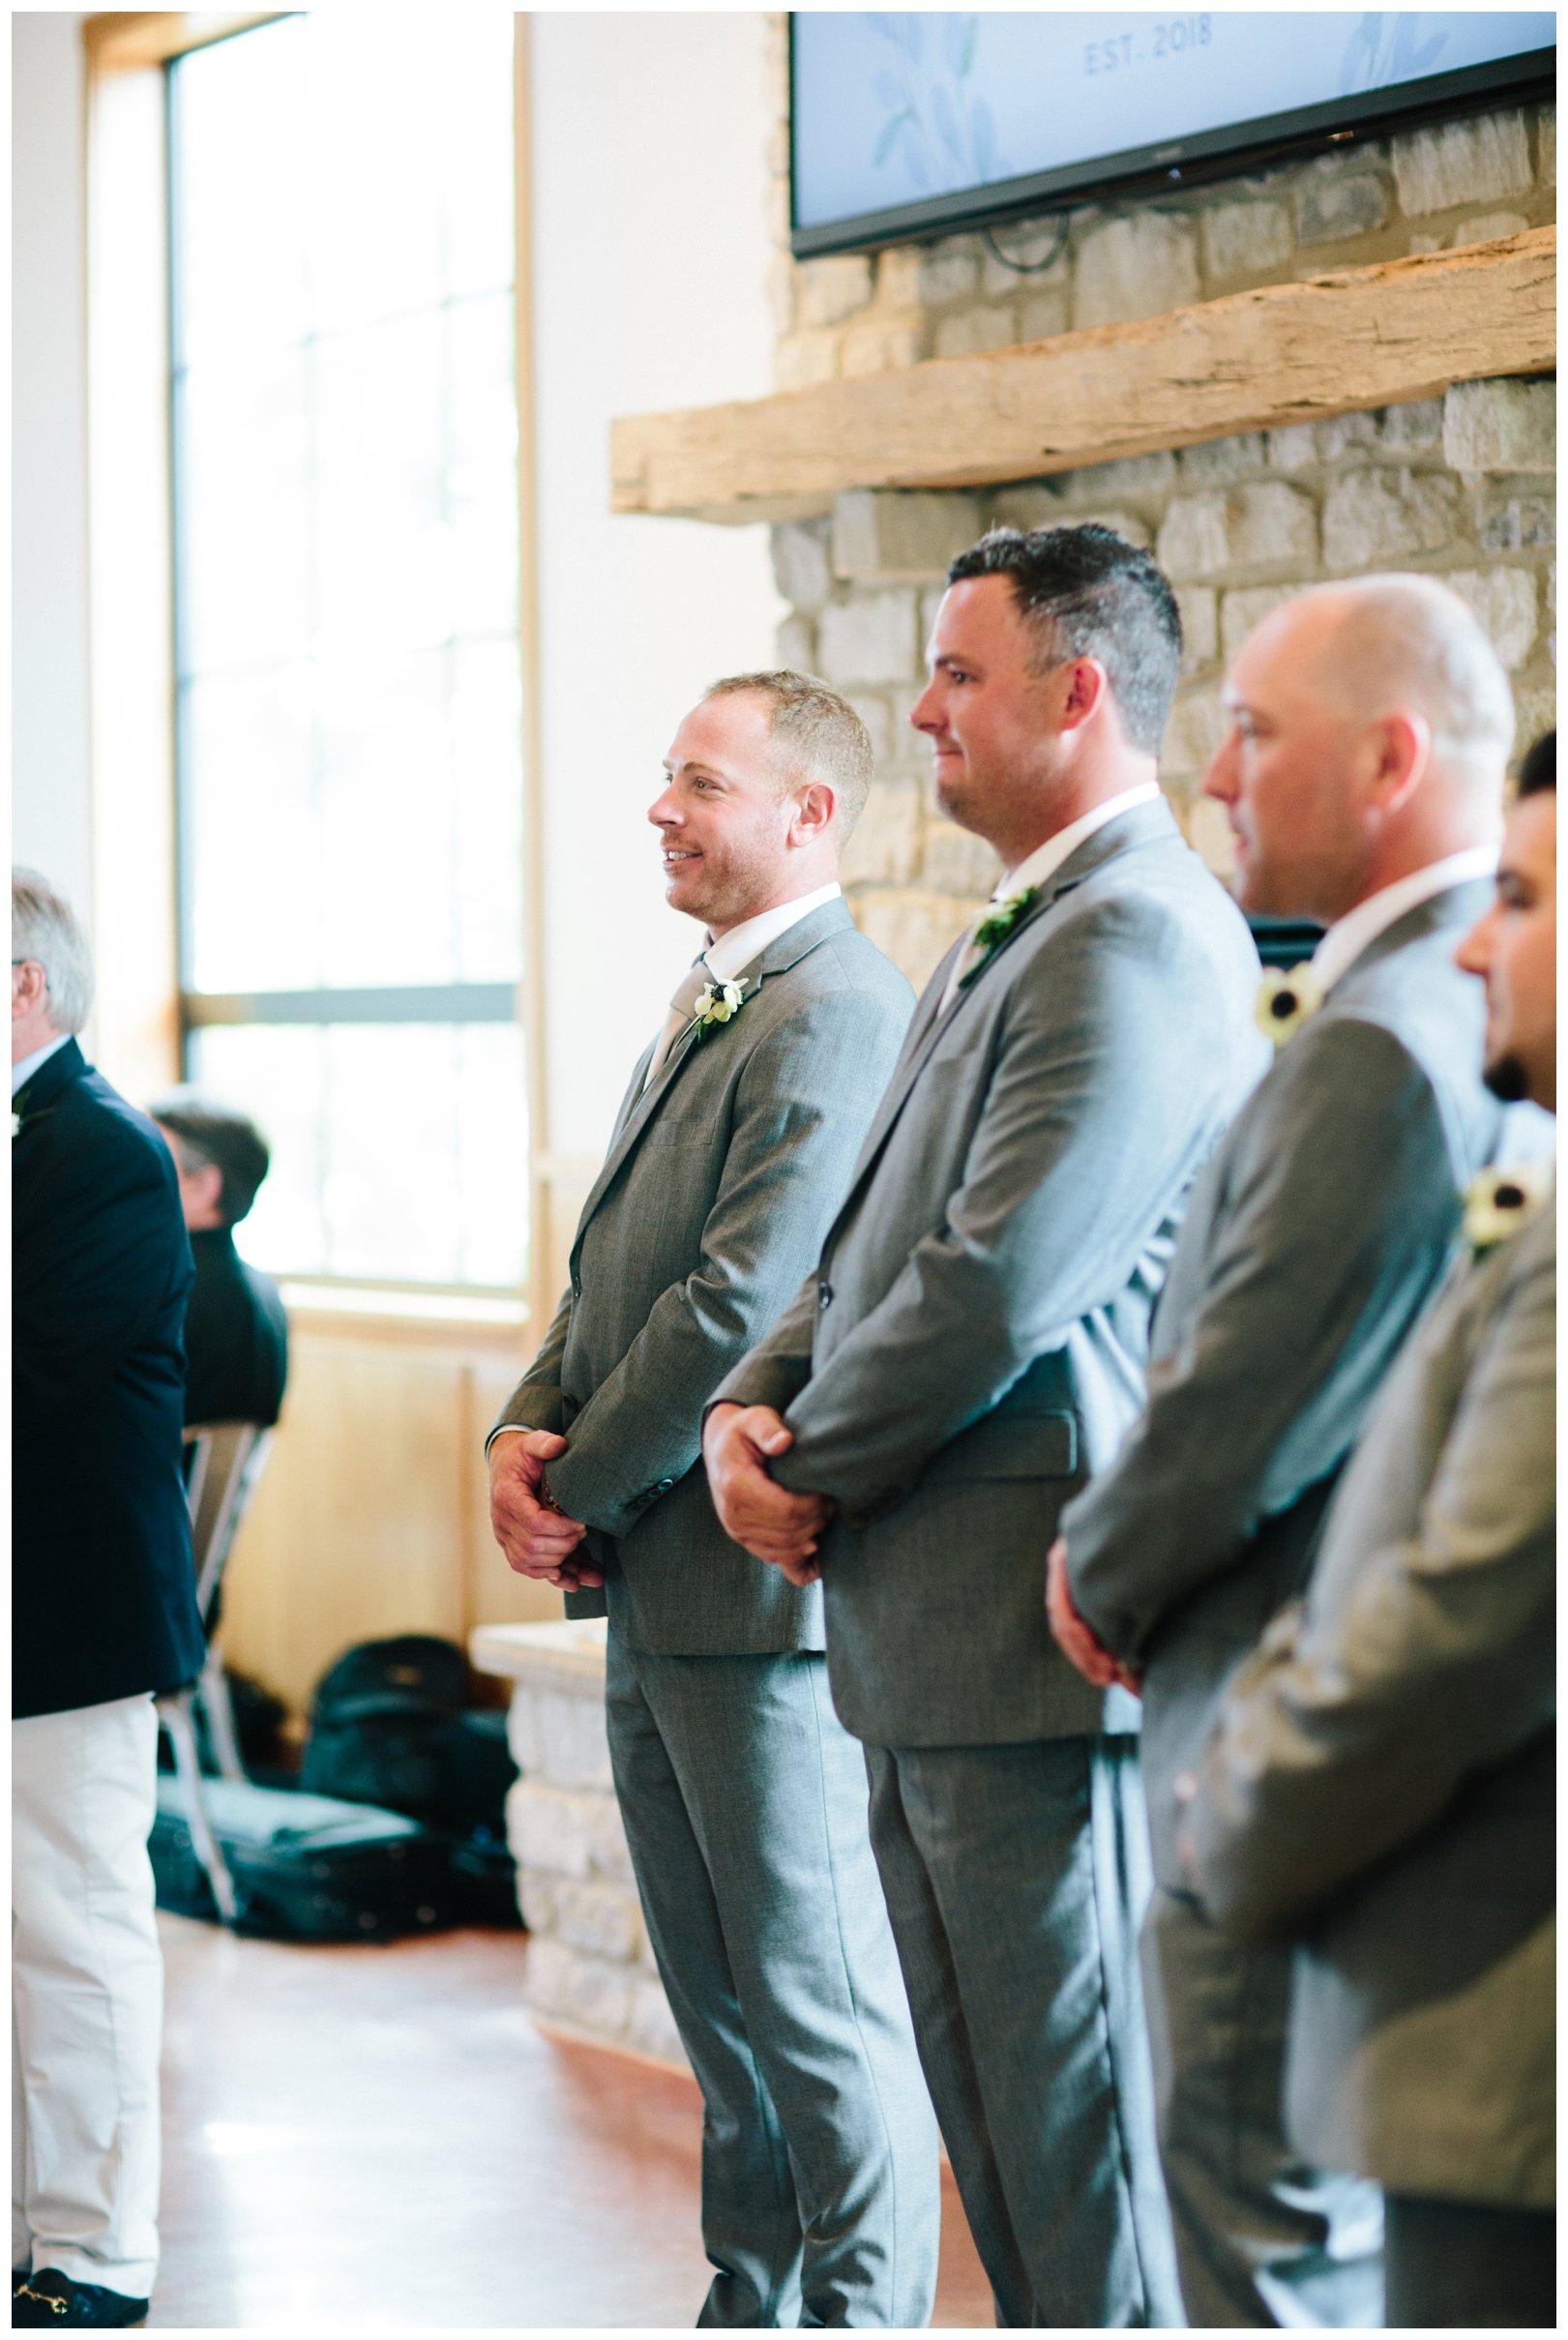 lauren muckler photography_fine art film wedding photography_st louis_photography_2377.jpg